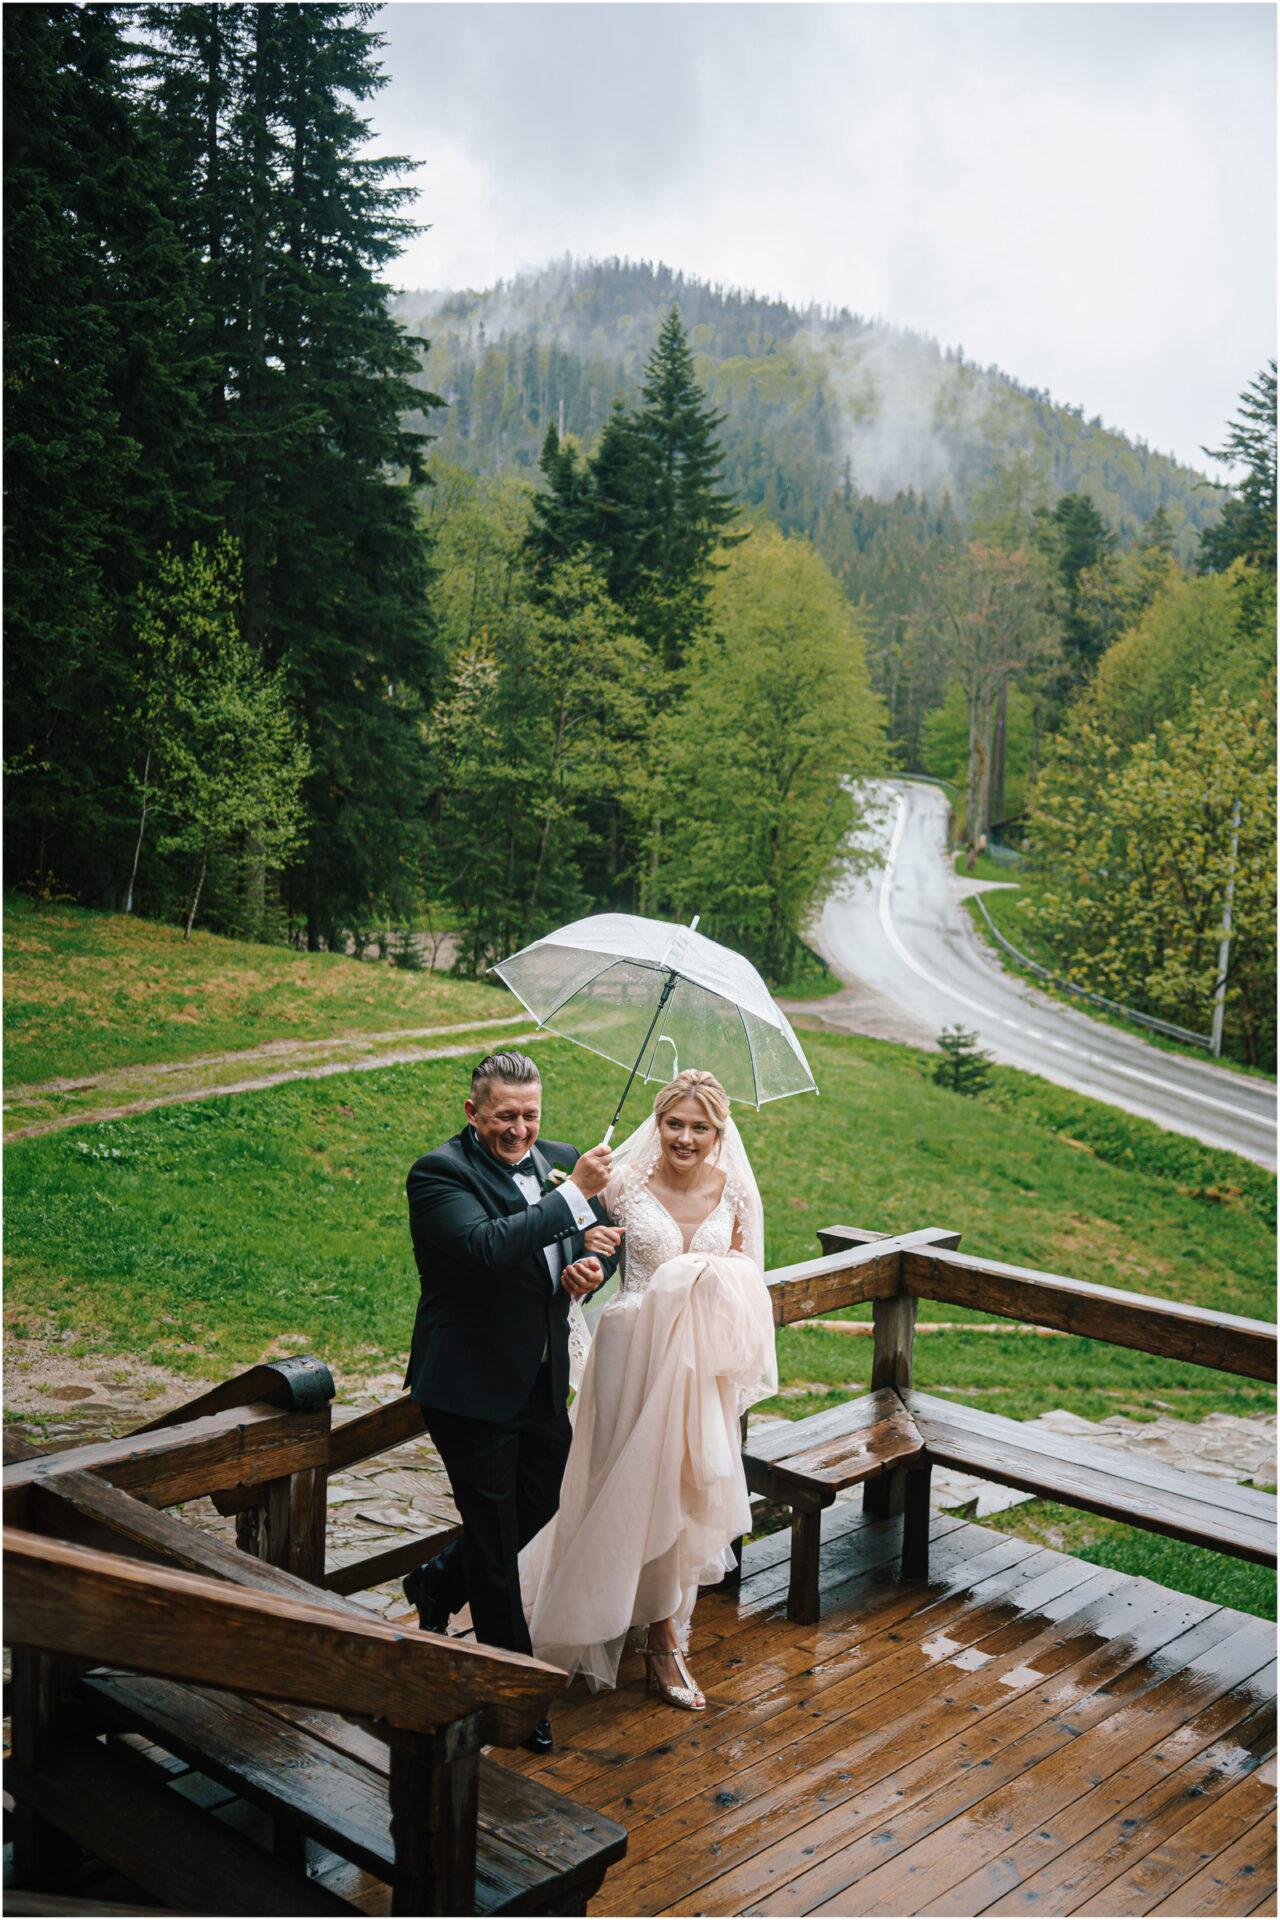 Amanda & Błażej | ślub i sesja w górach 27